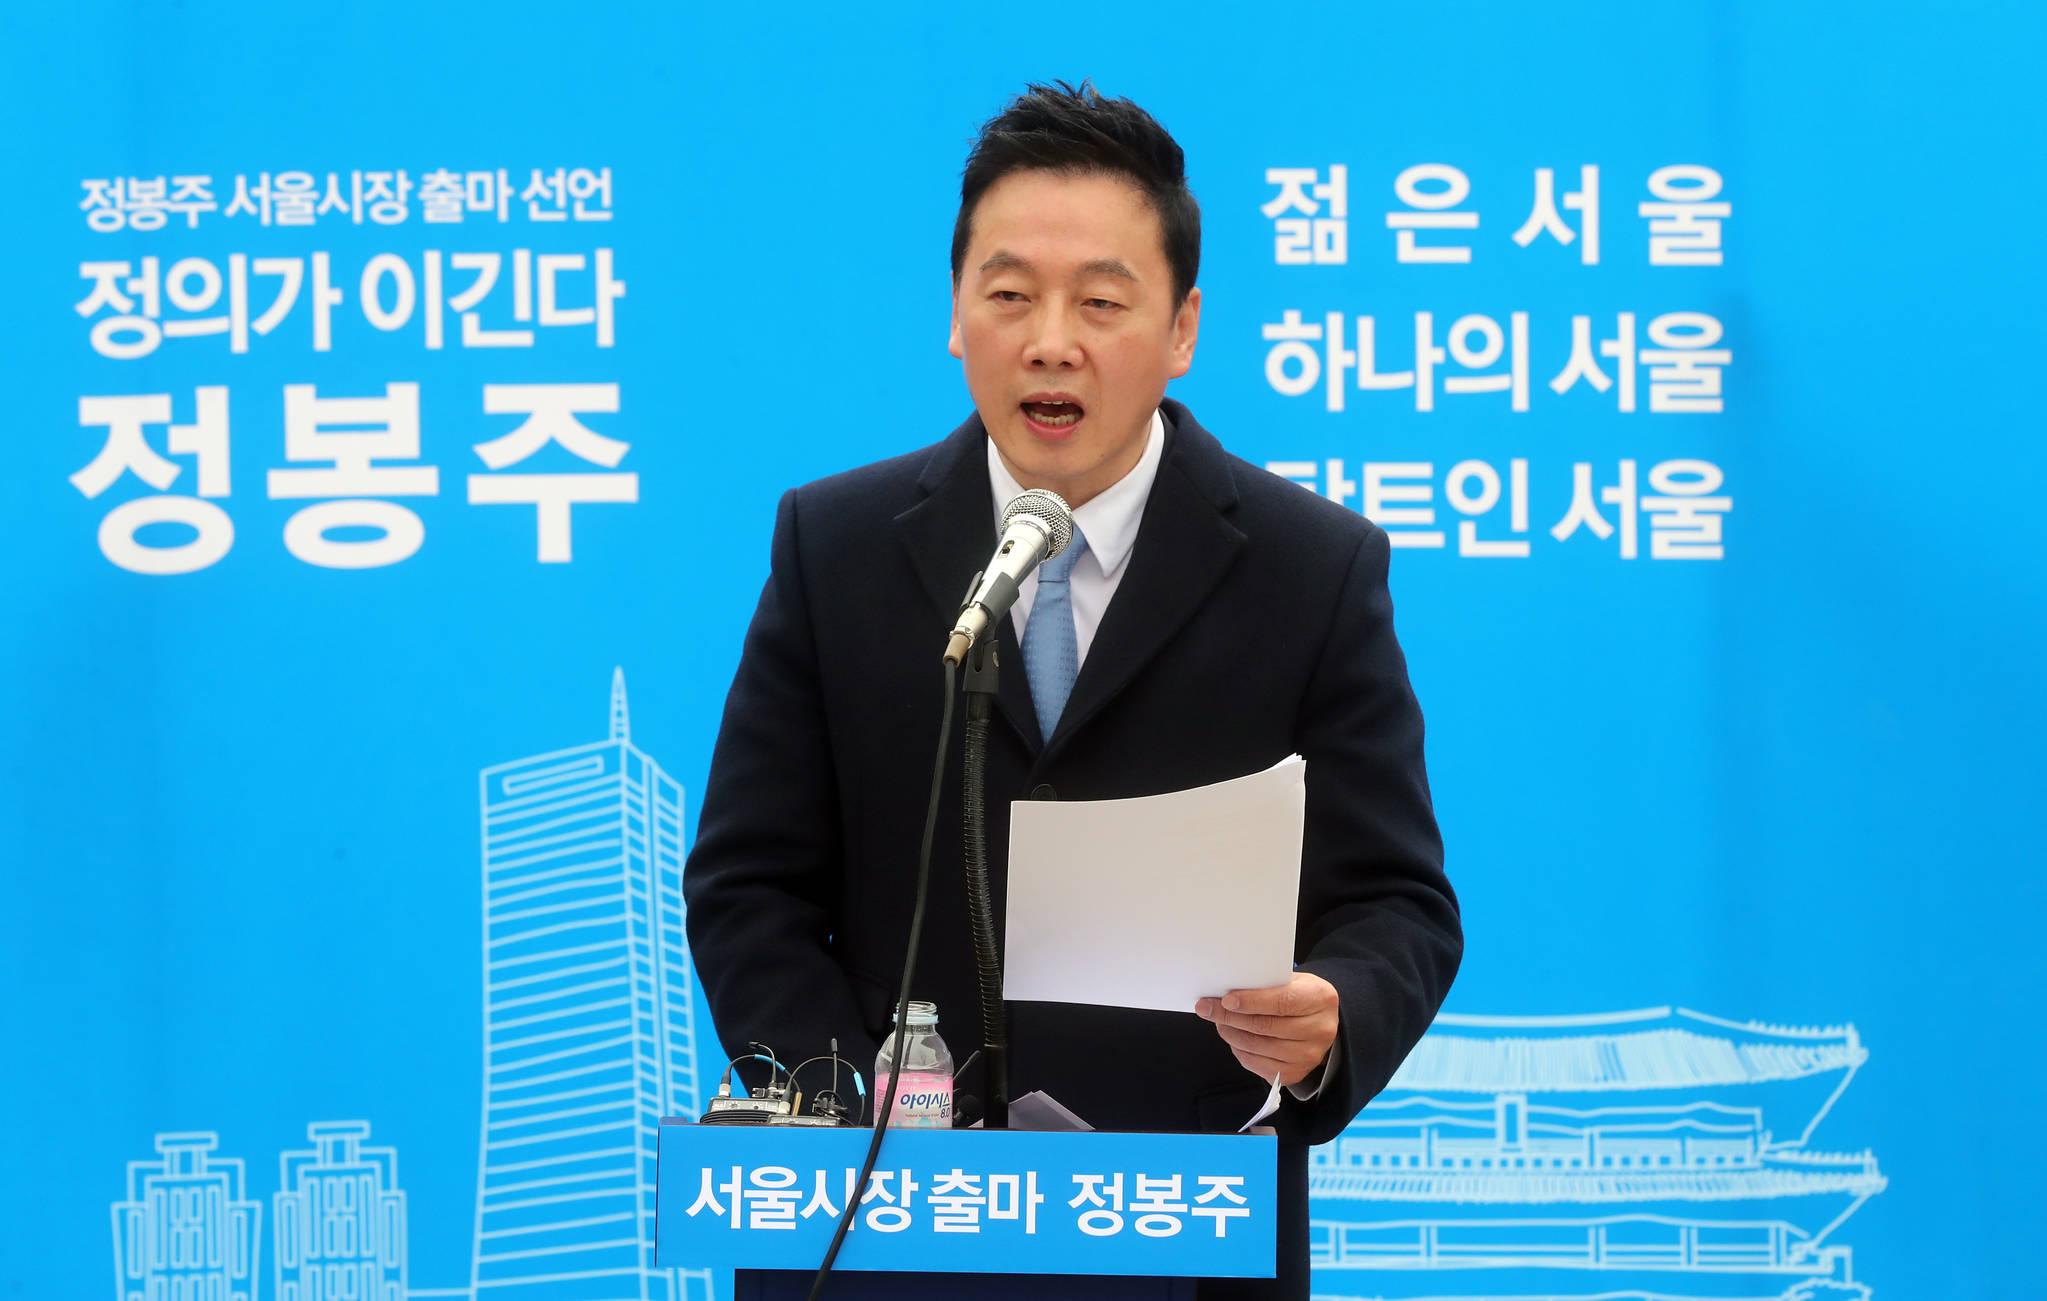 정봉주 전 의원이 18일 서울 연남동 '연트럴파크'에서 서울시장 출마선언 기자회견을 했다. 최정동 기자